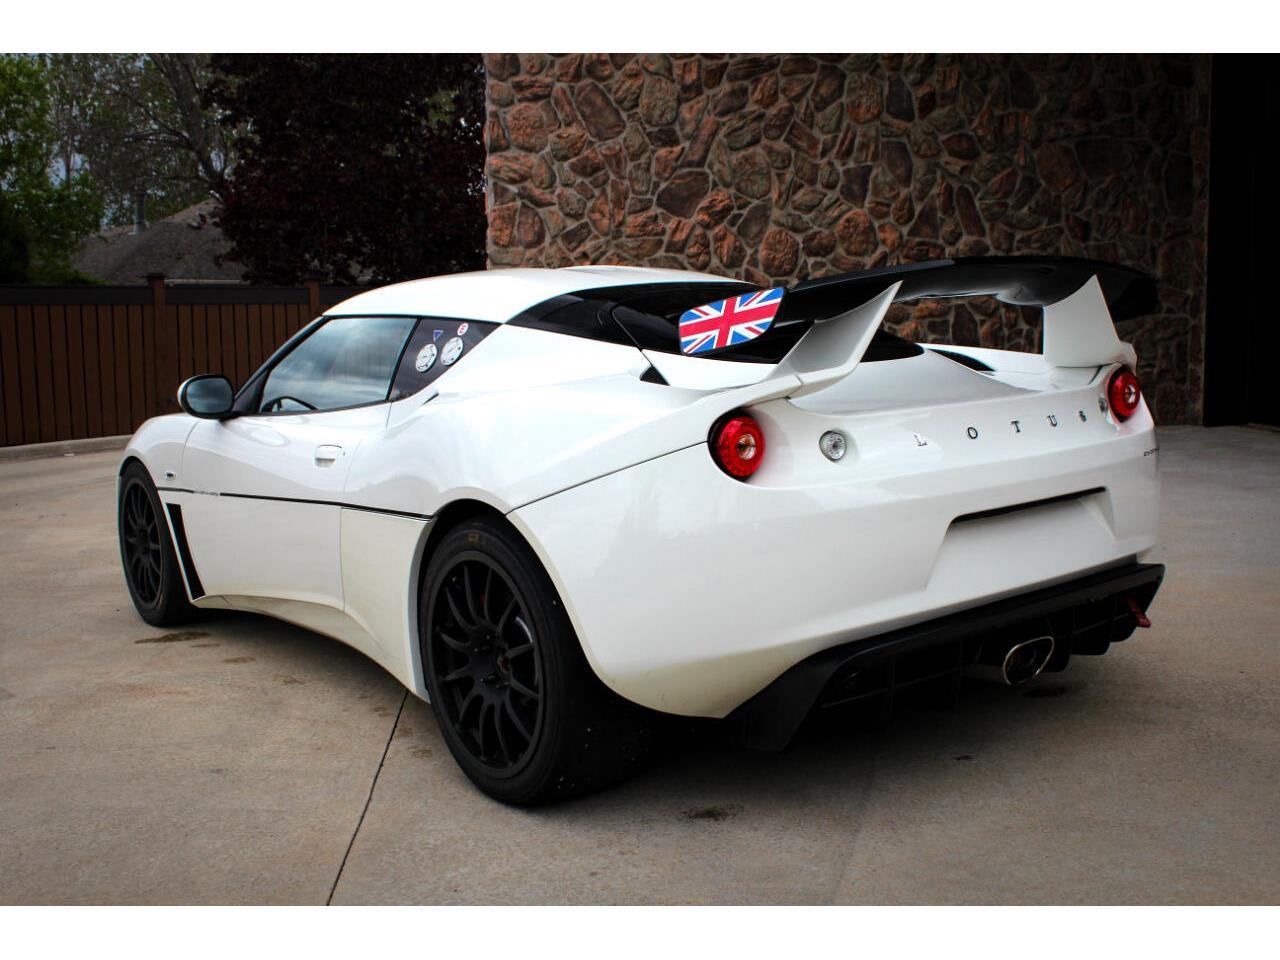 2014 Lotus Evora (CC-1409943) for sale in Greeley, Colorado